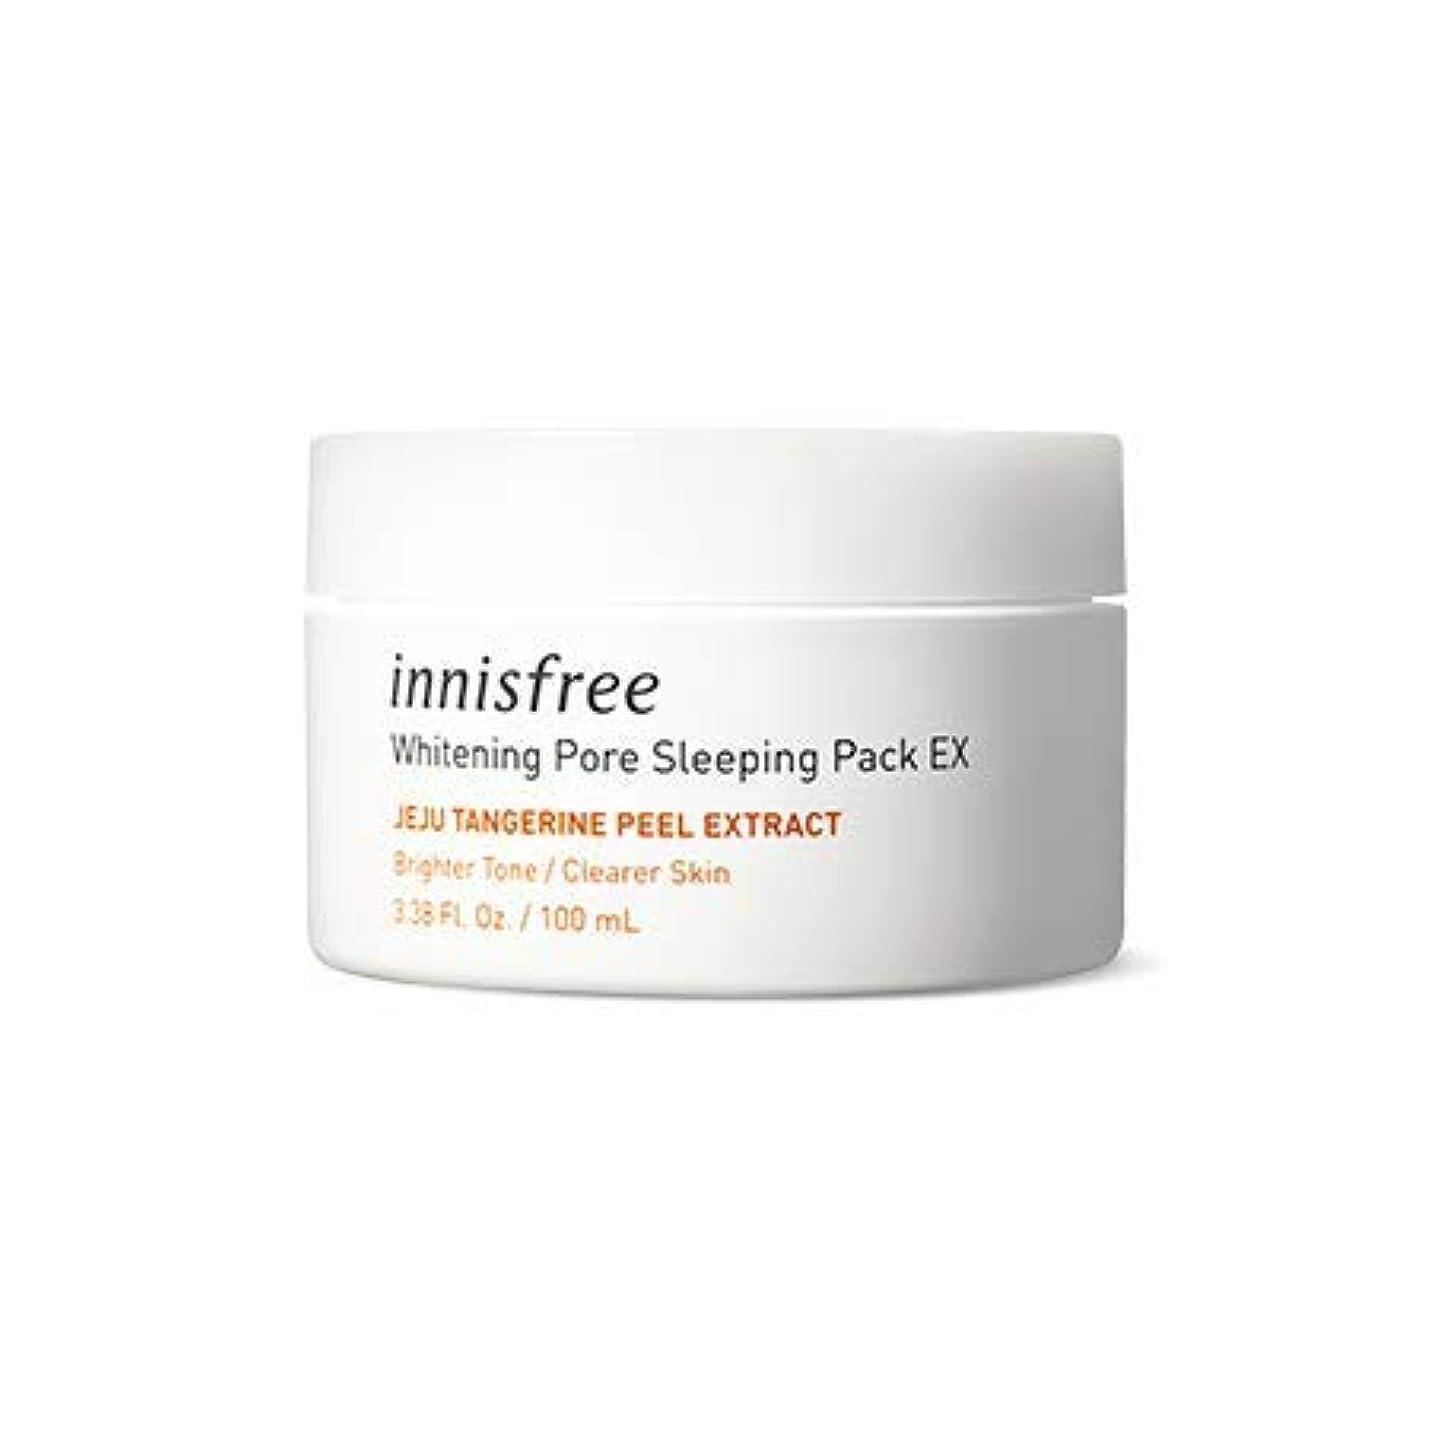 [イニスフリー.innisfree](公式)ホワイトニングポアスリーピングパックEx100mL(2019.04新発売)/ whitening pore sleeping pack EX(2019 new product)